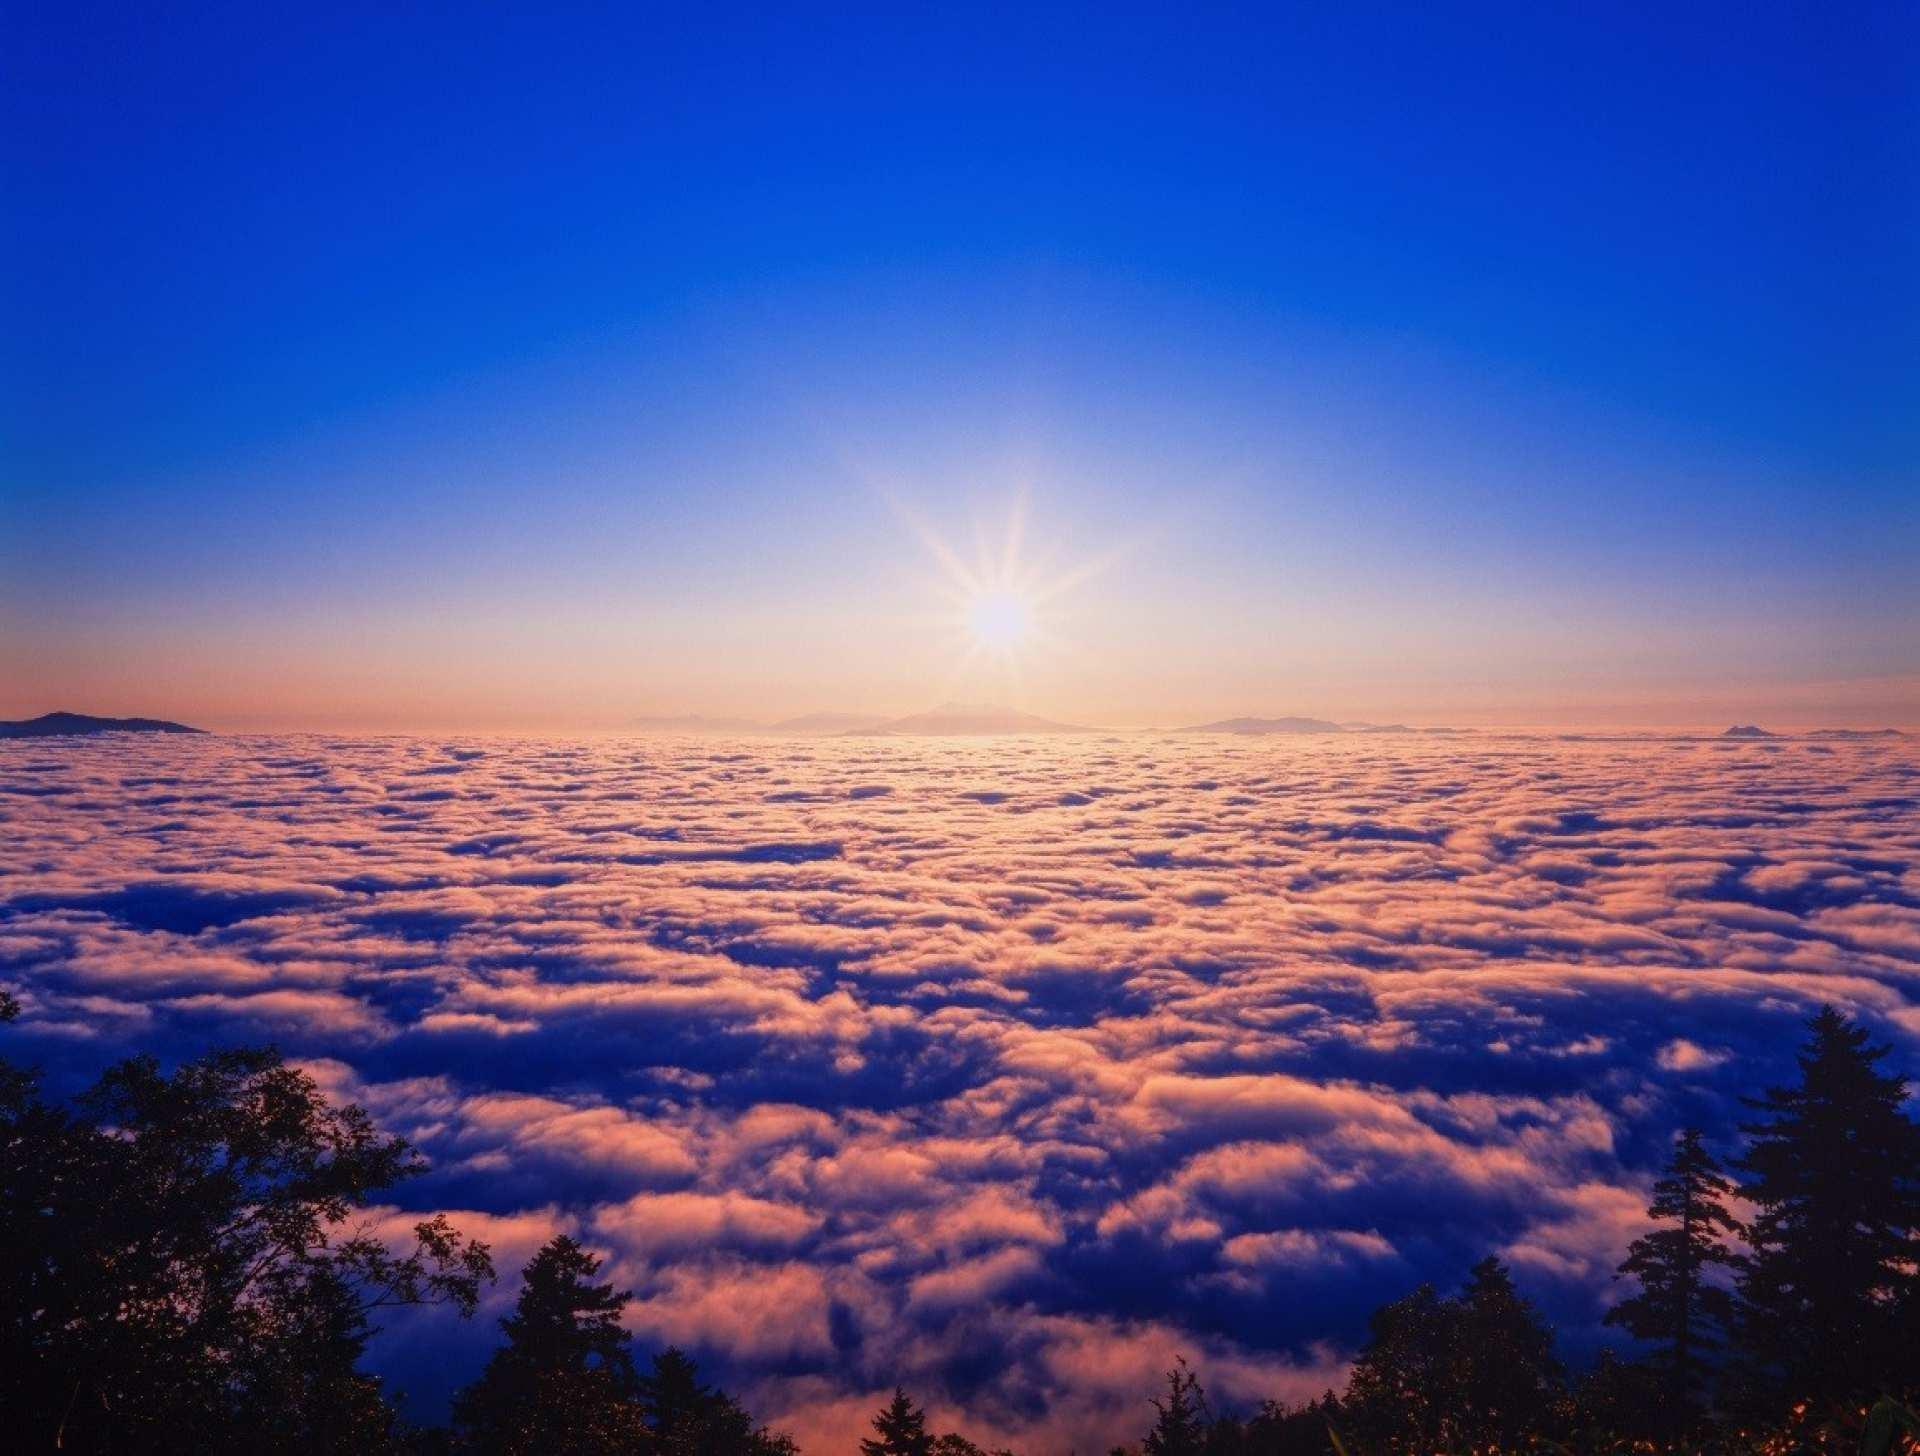 【北海道特色體驗】屈斜路湖雲海觀賞半日遊